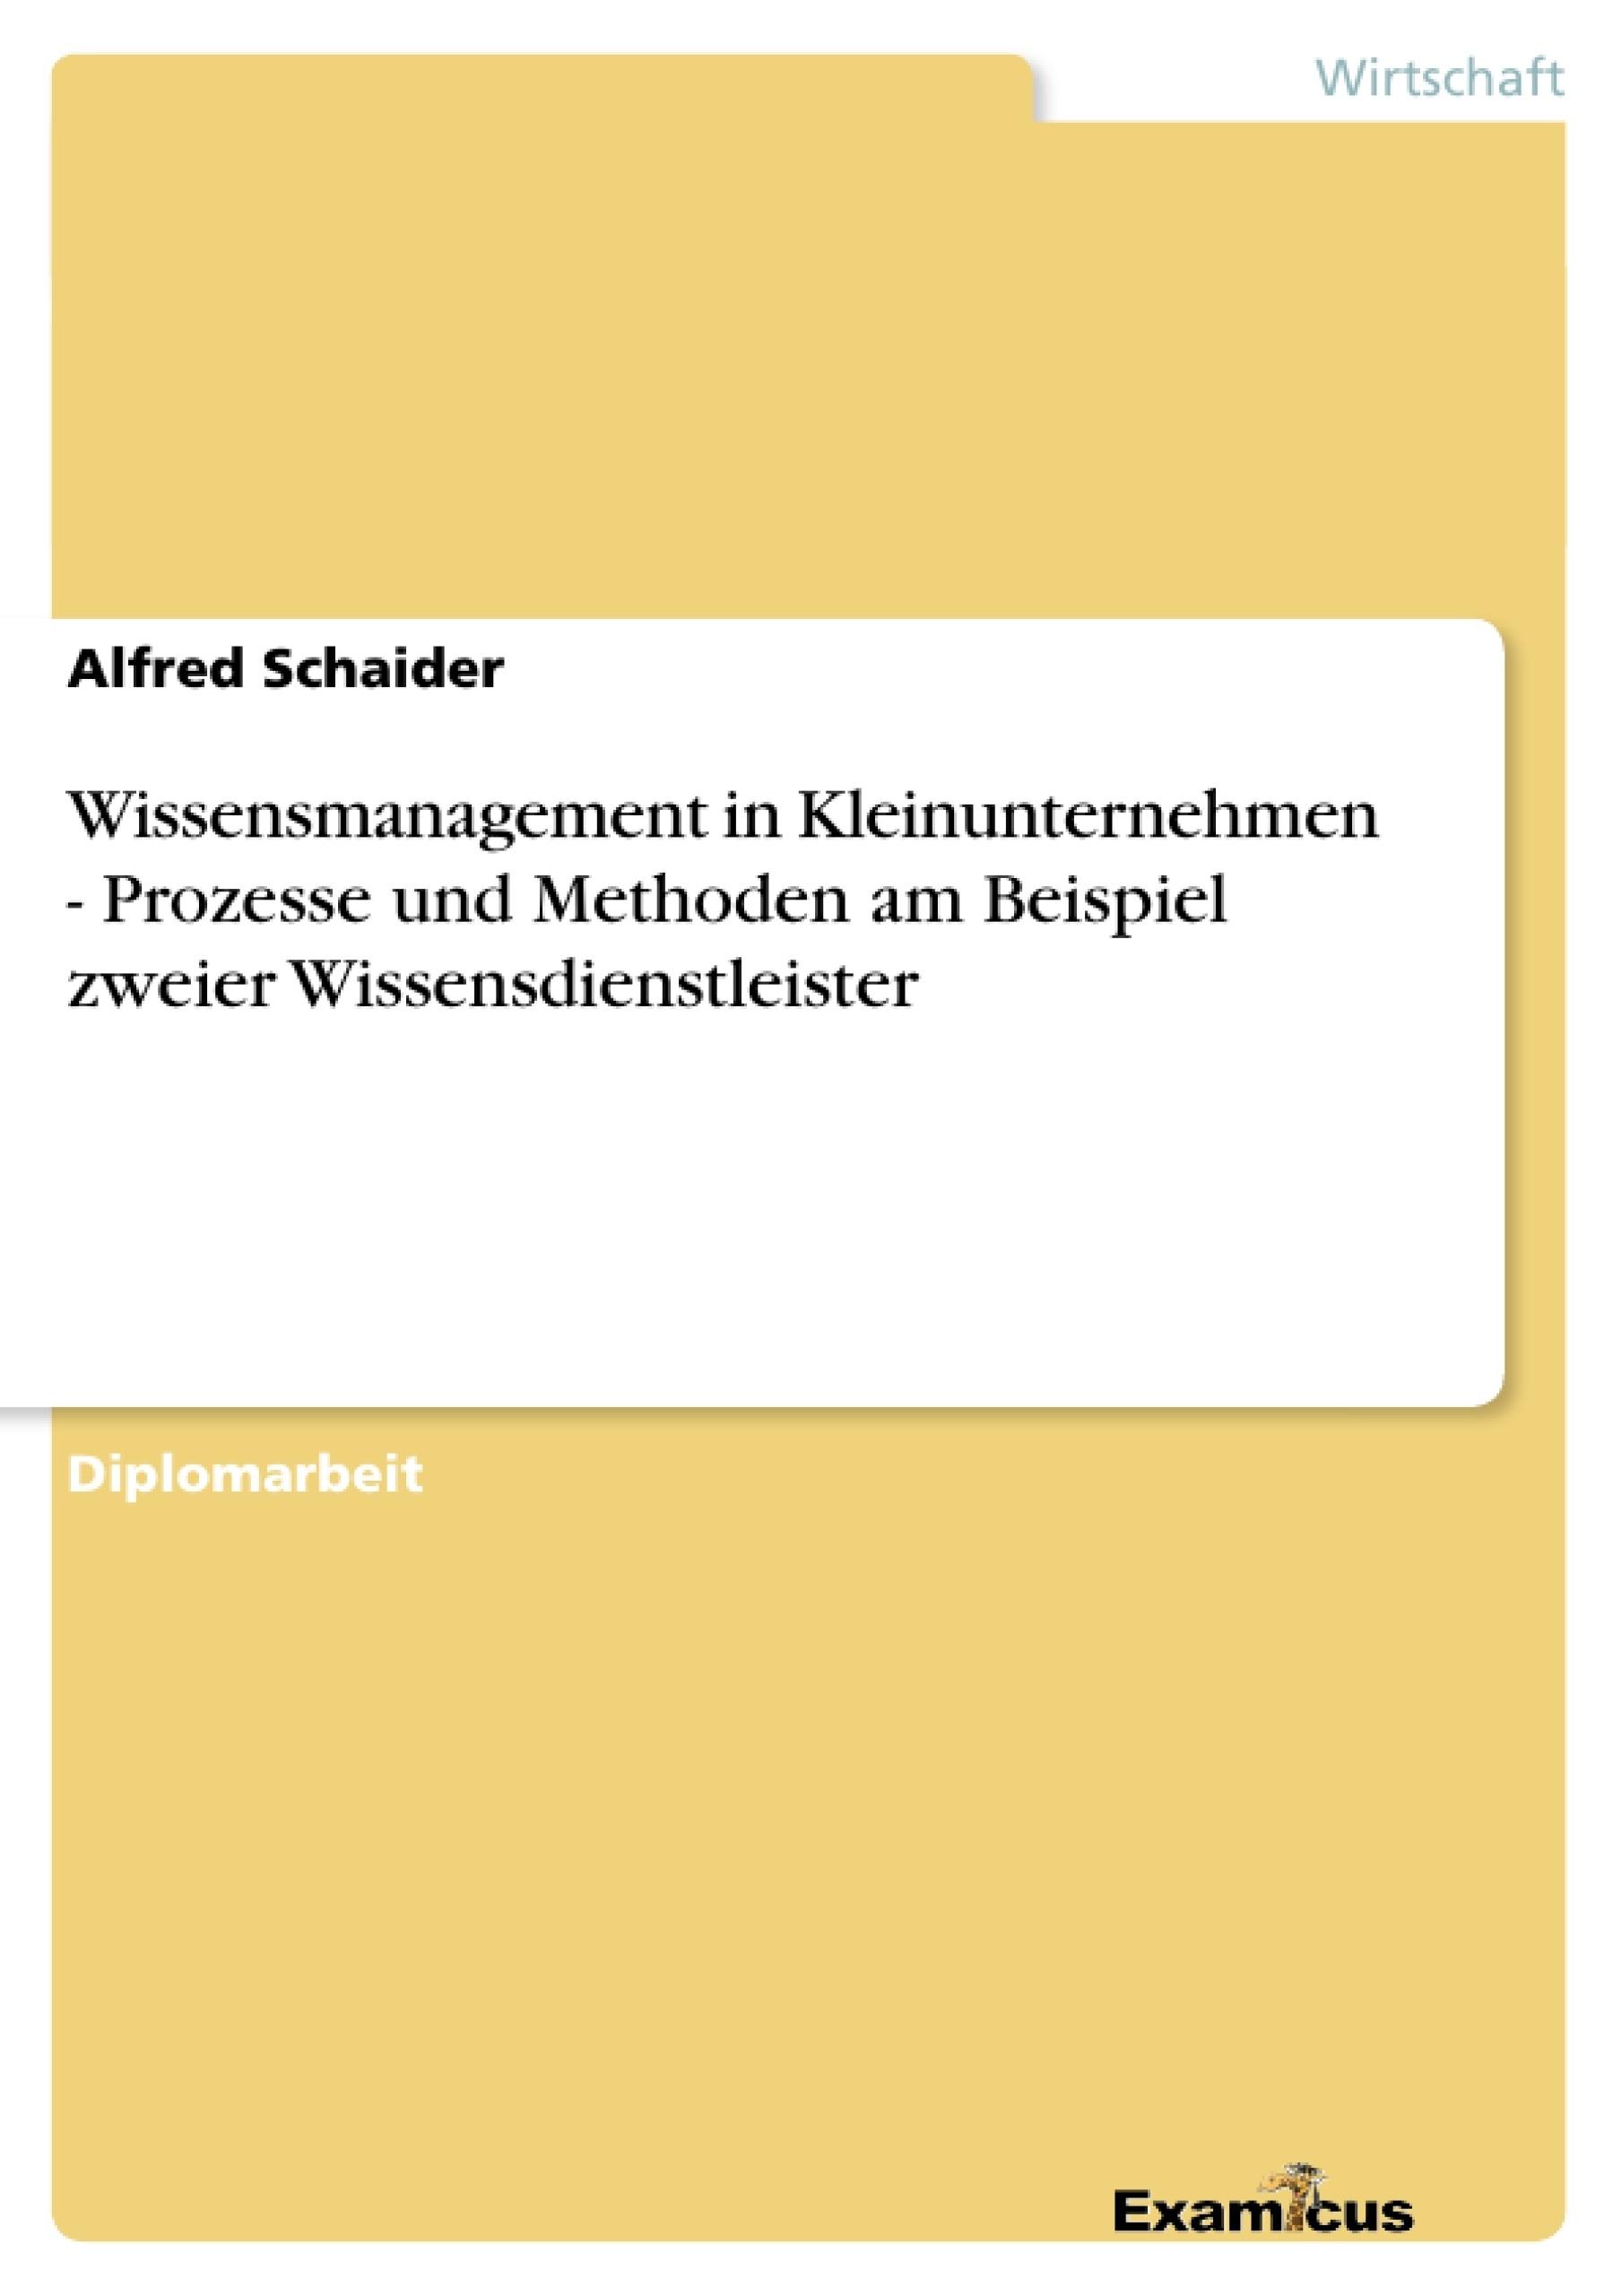 Titel: Wissensmanagement in Kleinunternehmen - Prozesse und Methoden am Beispiel zweier Wissensdienstleister